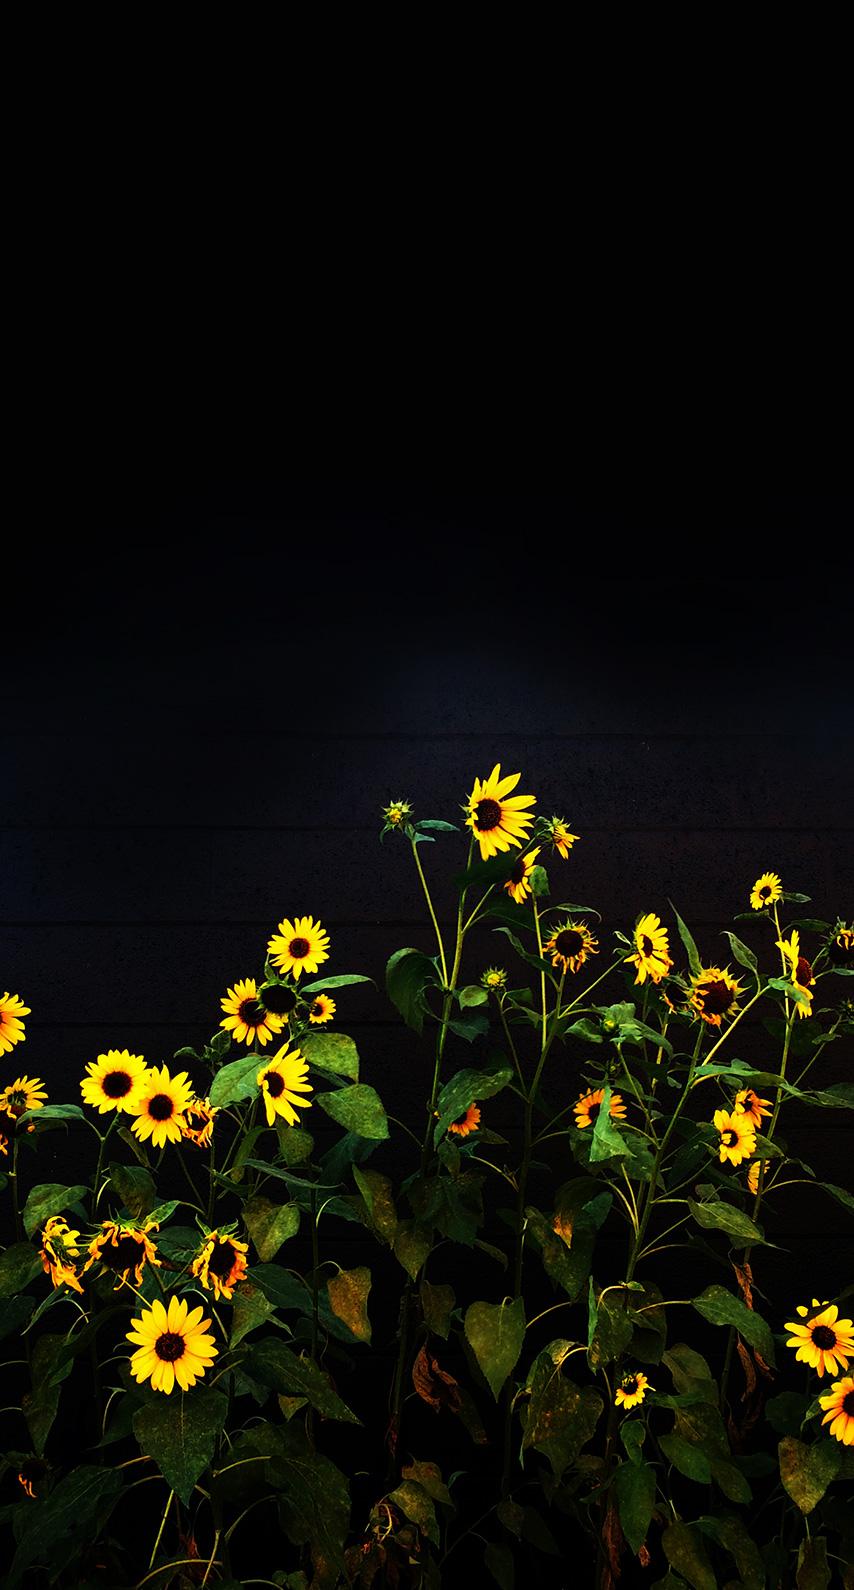 yellow, night